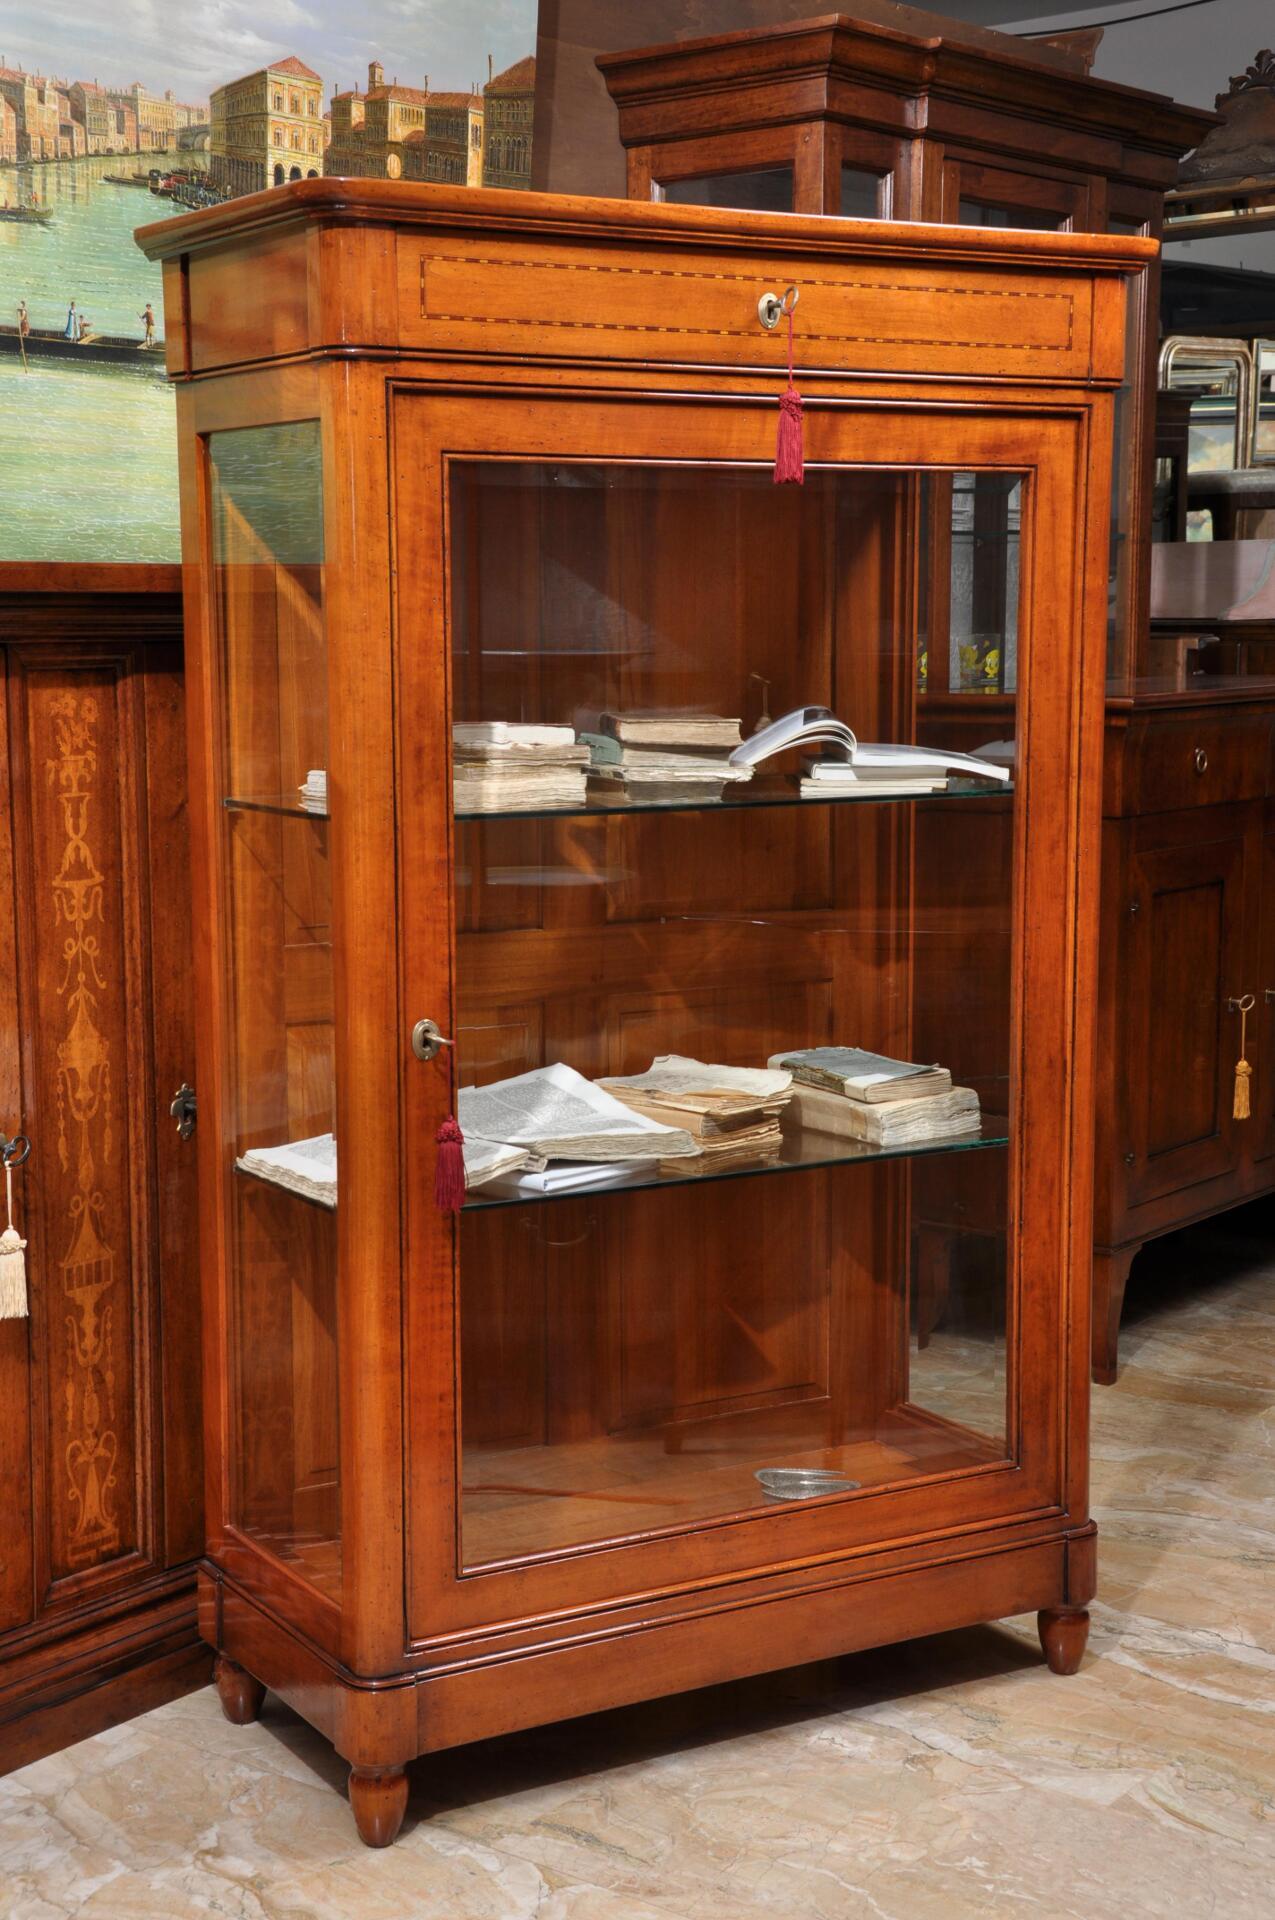 Vetrina libreria ad una anta realizzata in stile luigi xvi transizione 39 800 ad una anta e un - Mobili luigi xvi prezzi ...